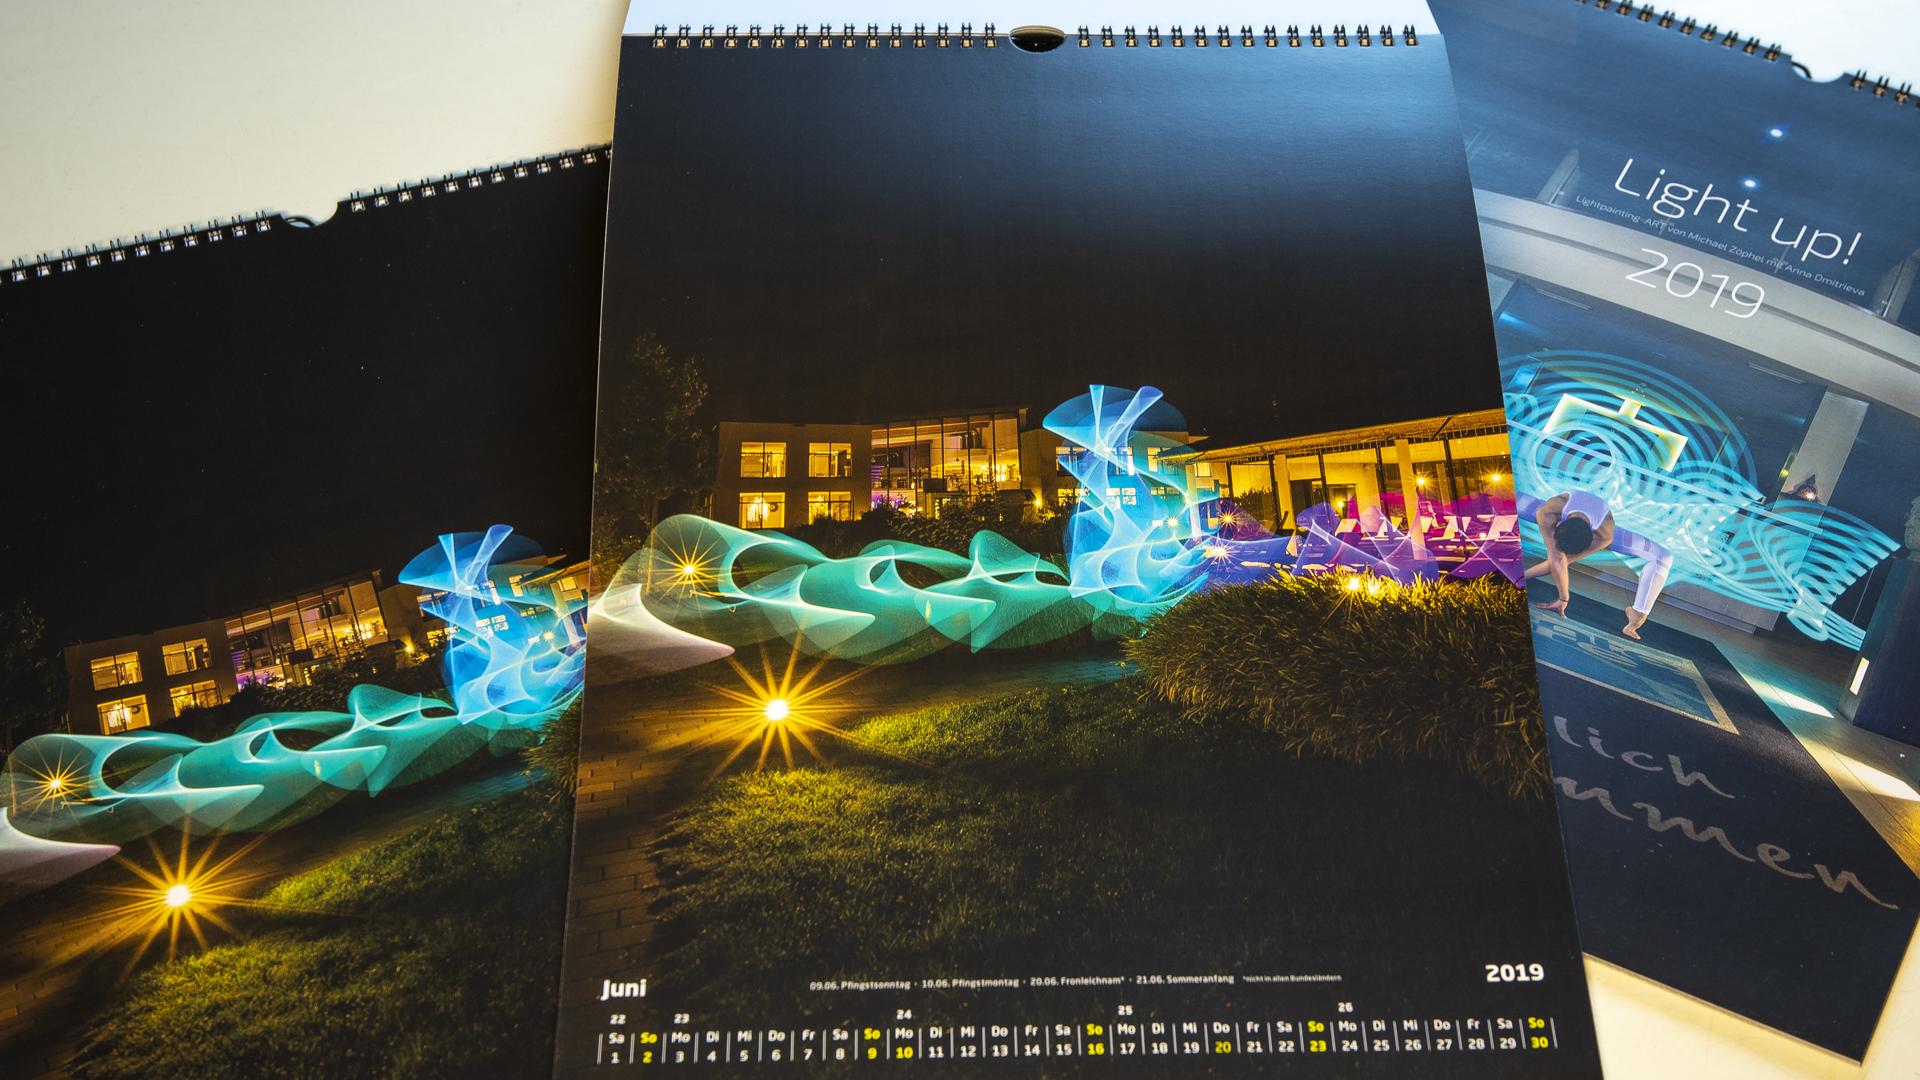 Light up! – monte mare